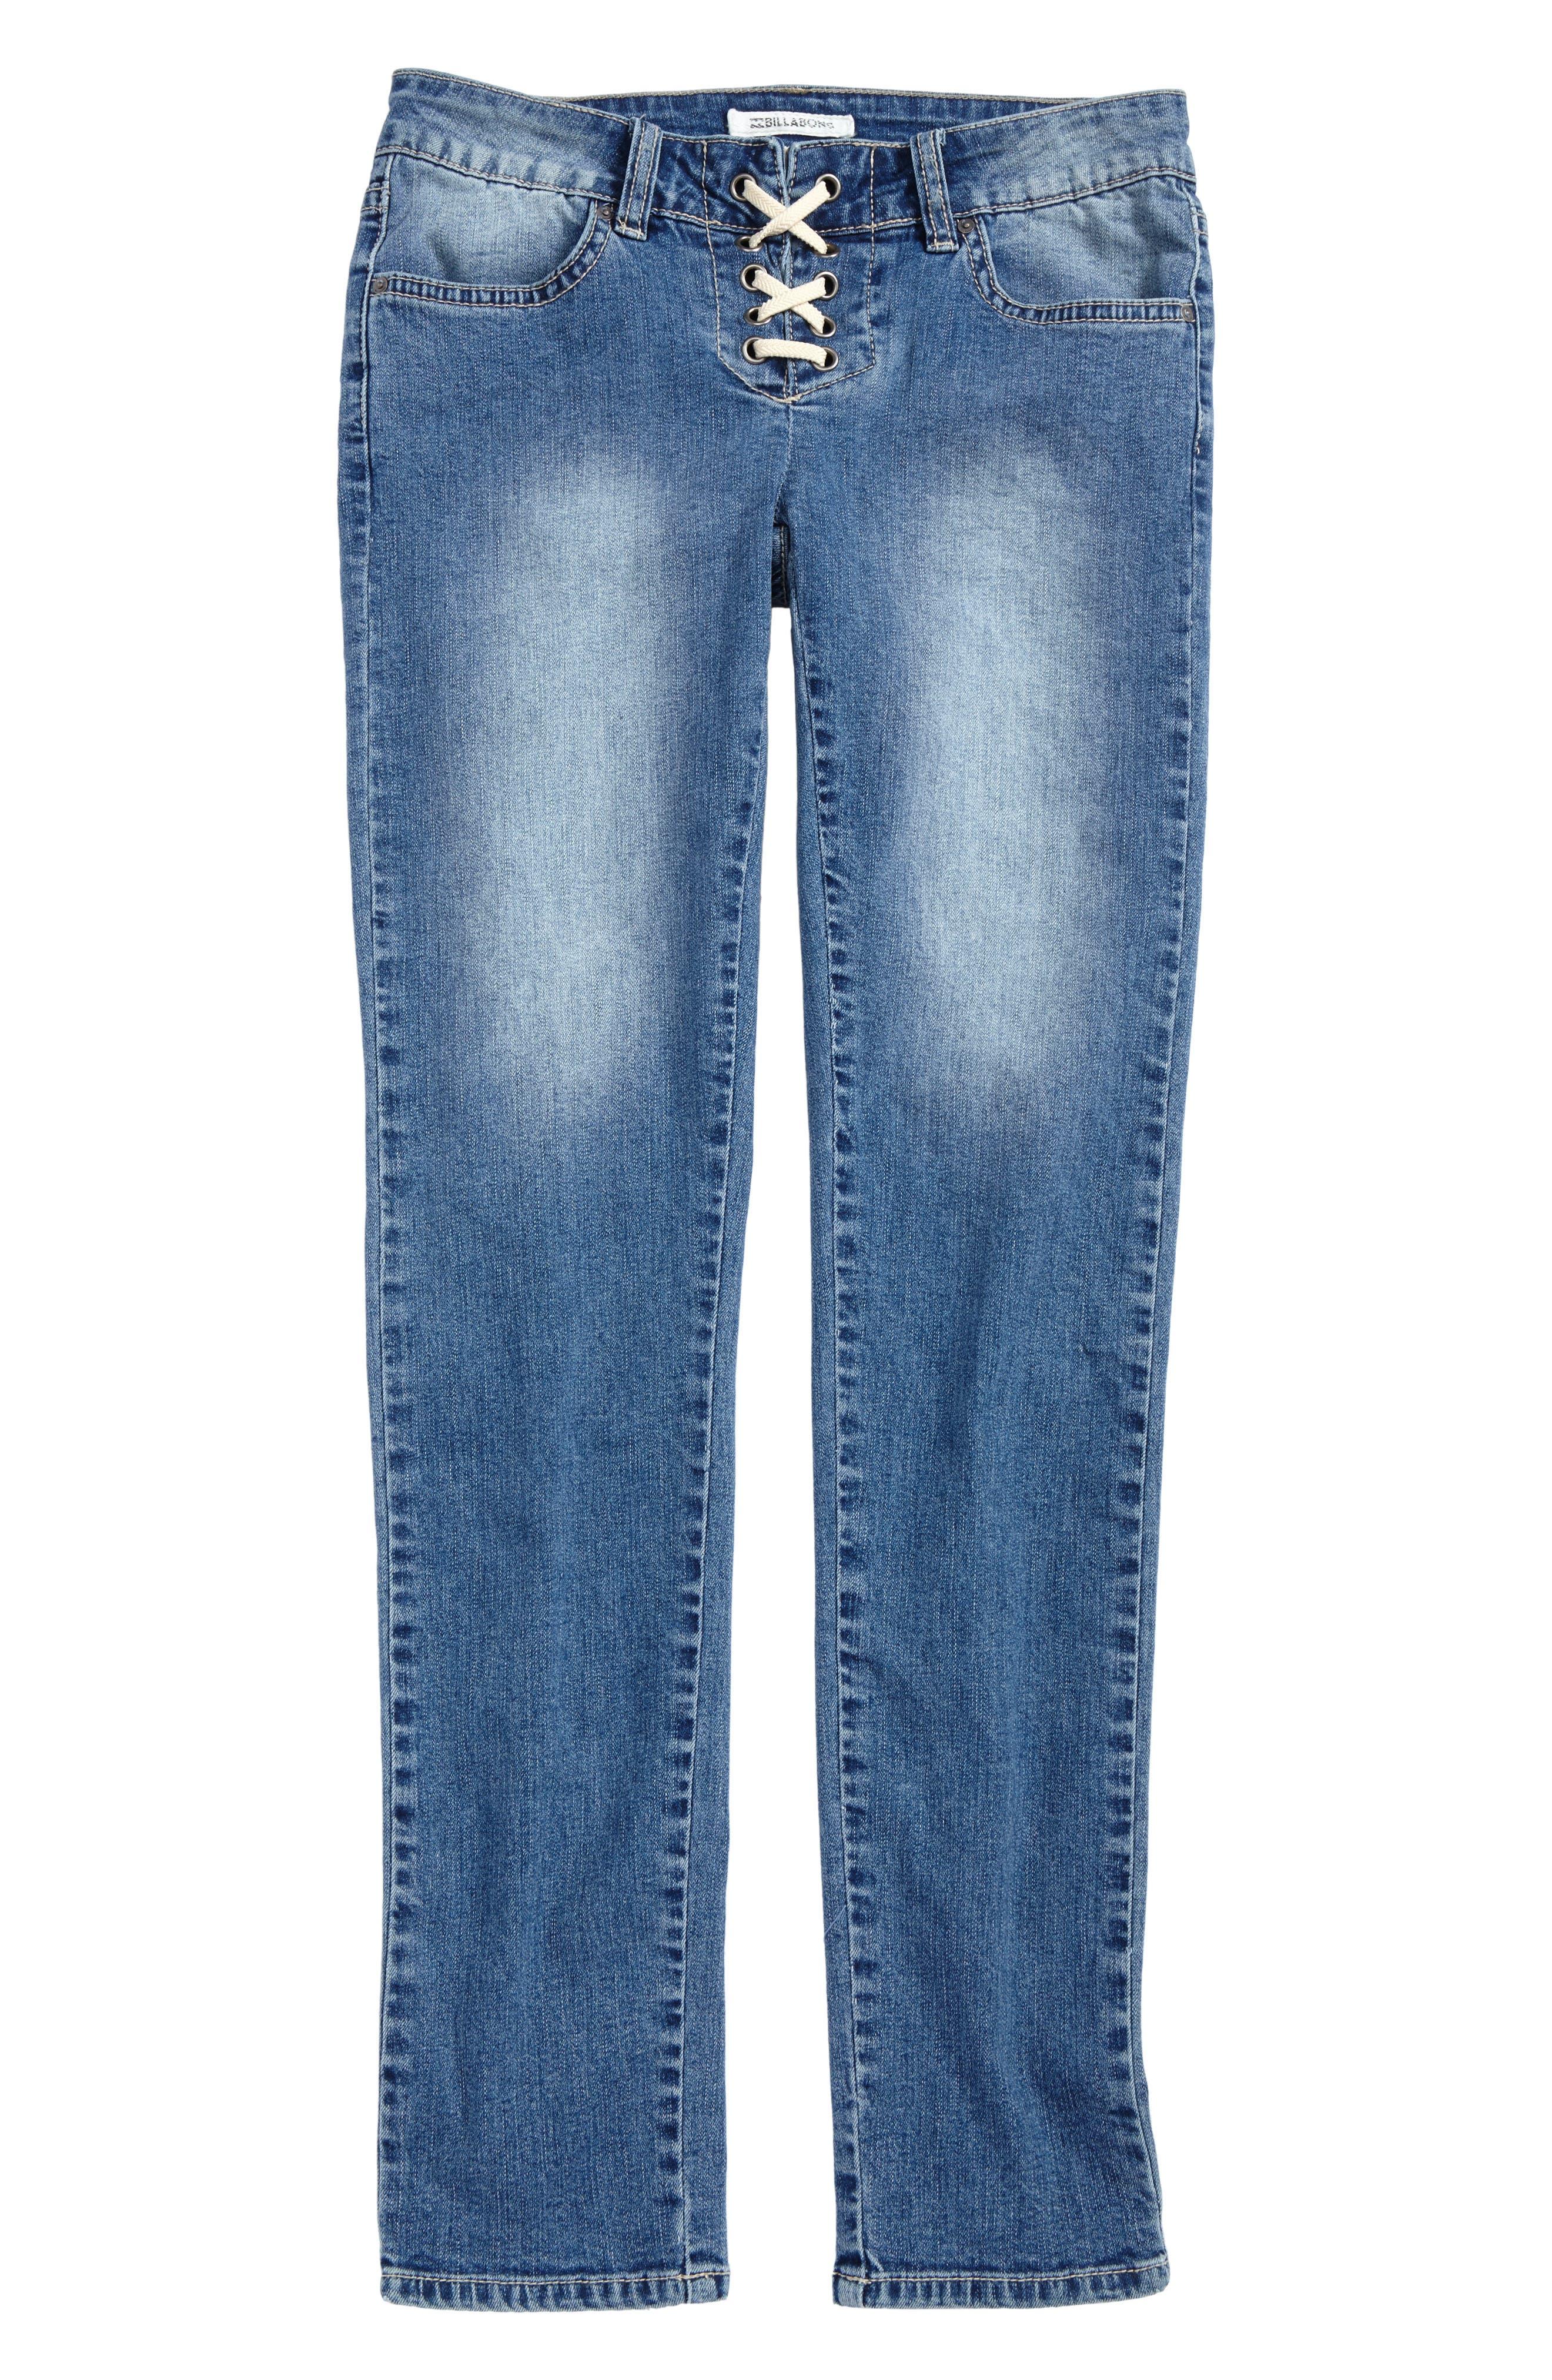 Main Image - Billabong Side to Side Skinny Jeans (Big Girls)